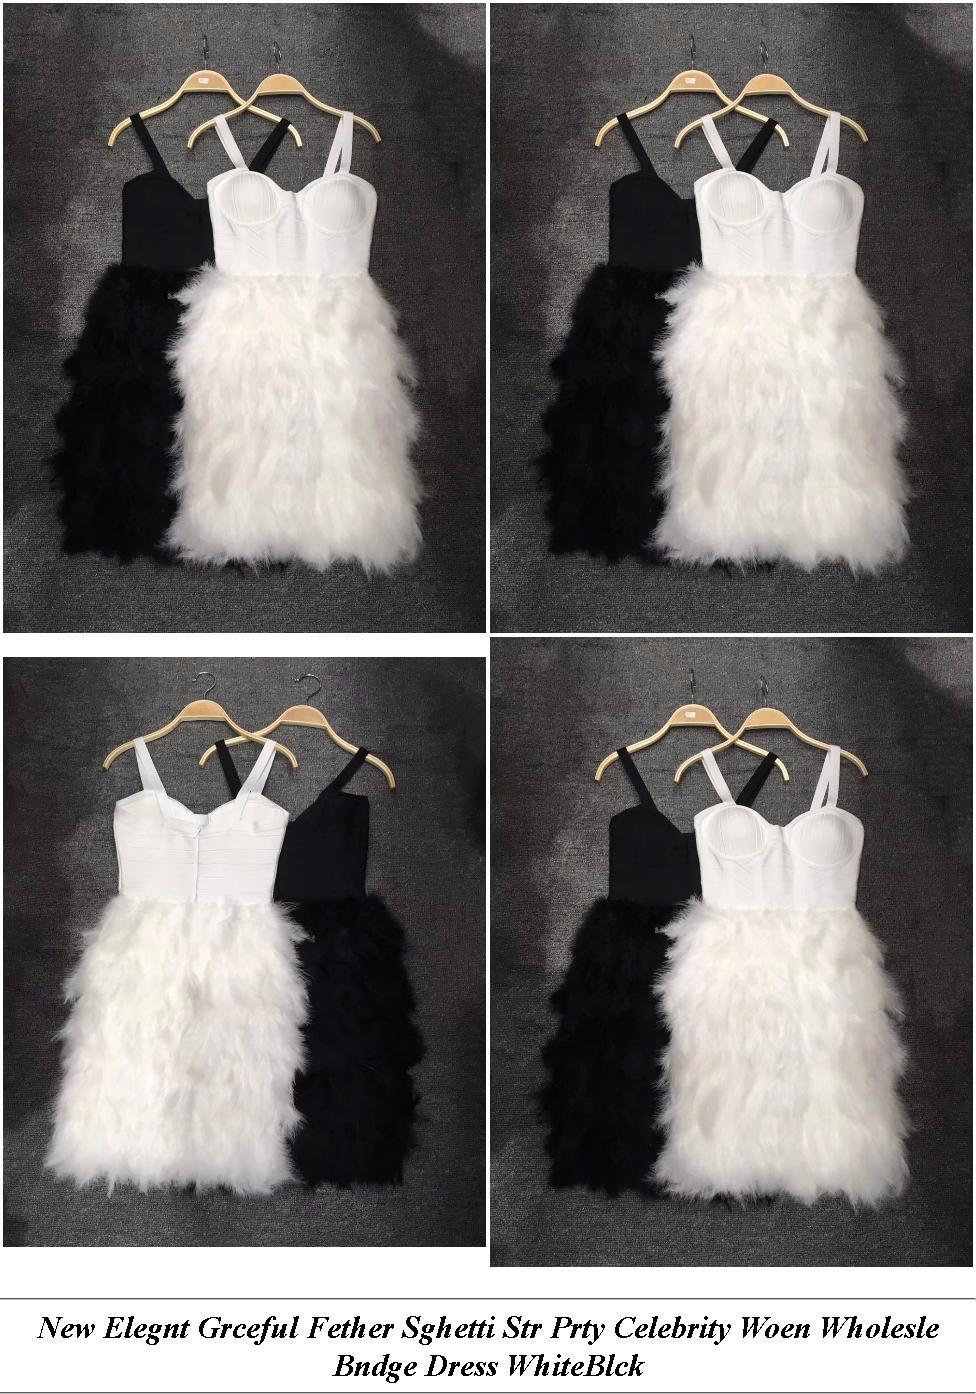 Semi Formal Dresses For Women - Sale On Brands - Denim Dress - Cheap Clothes Online Shop